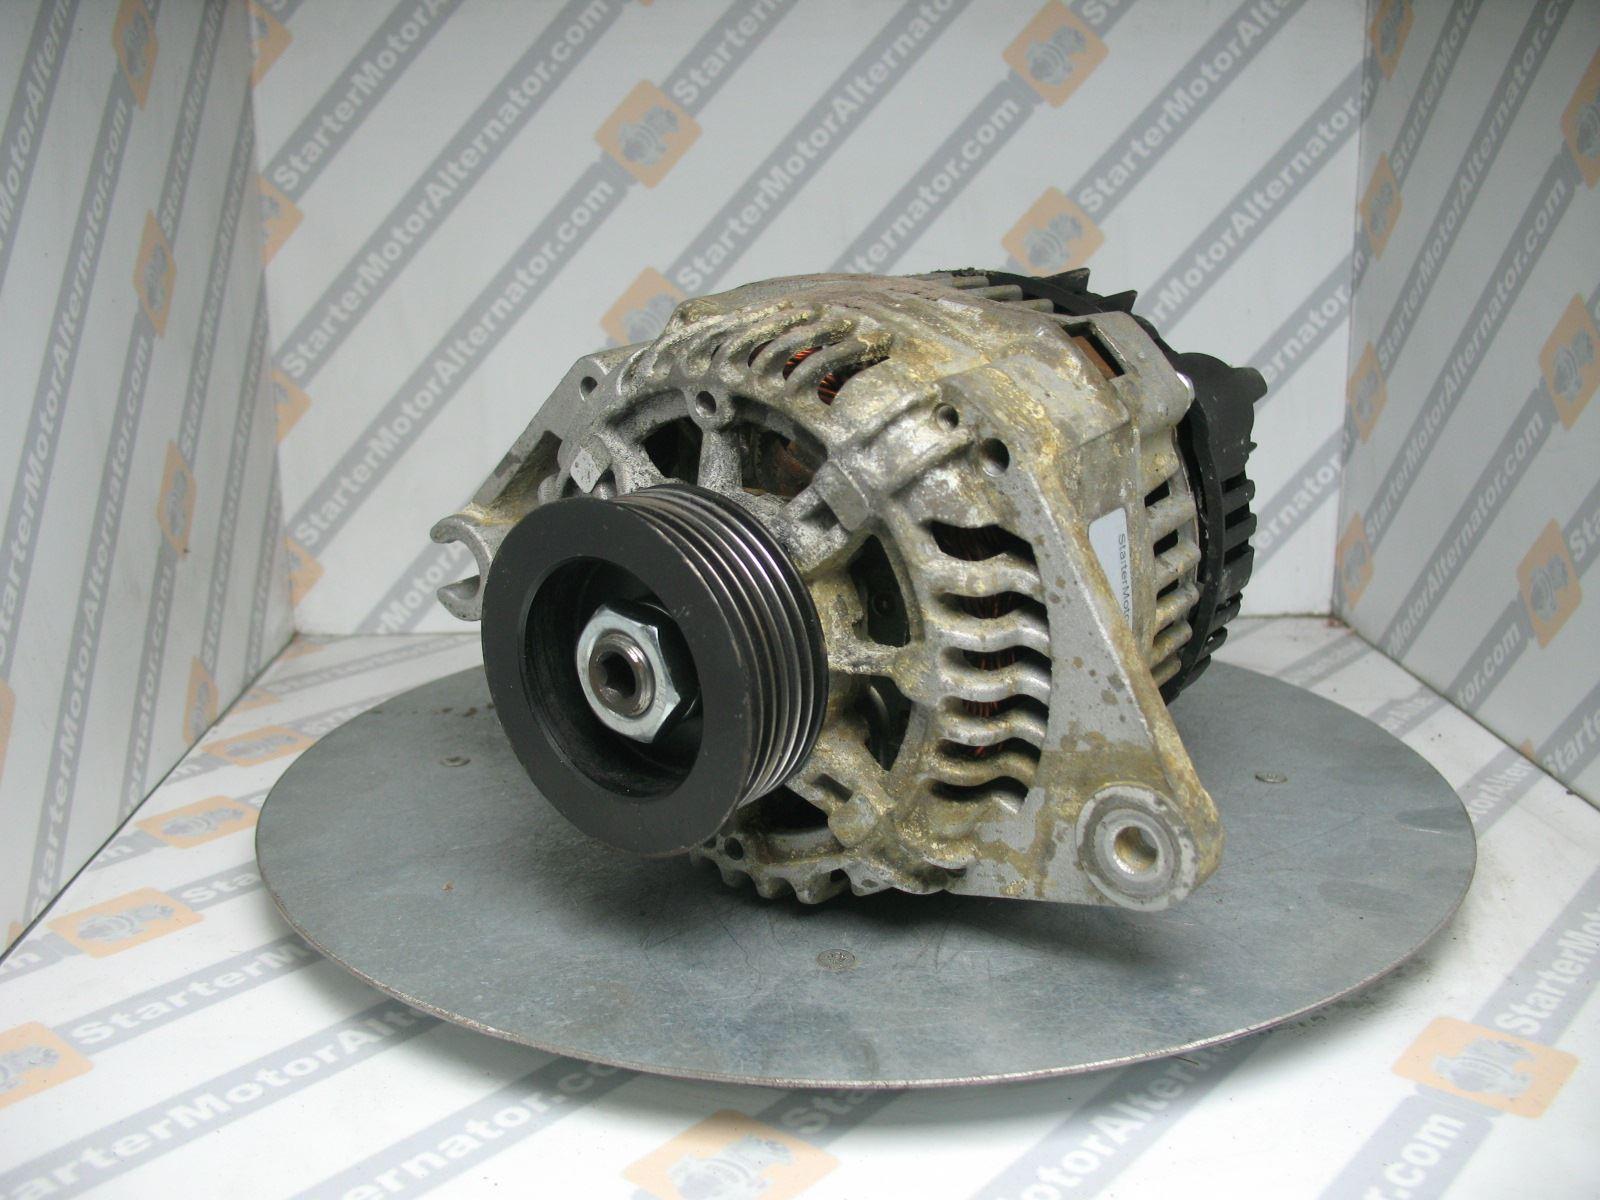 XIA1283 Alternator For Citroen / LDV / Peugeot / Rover